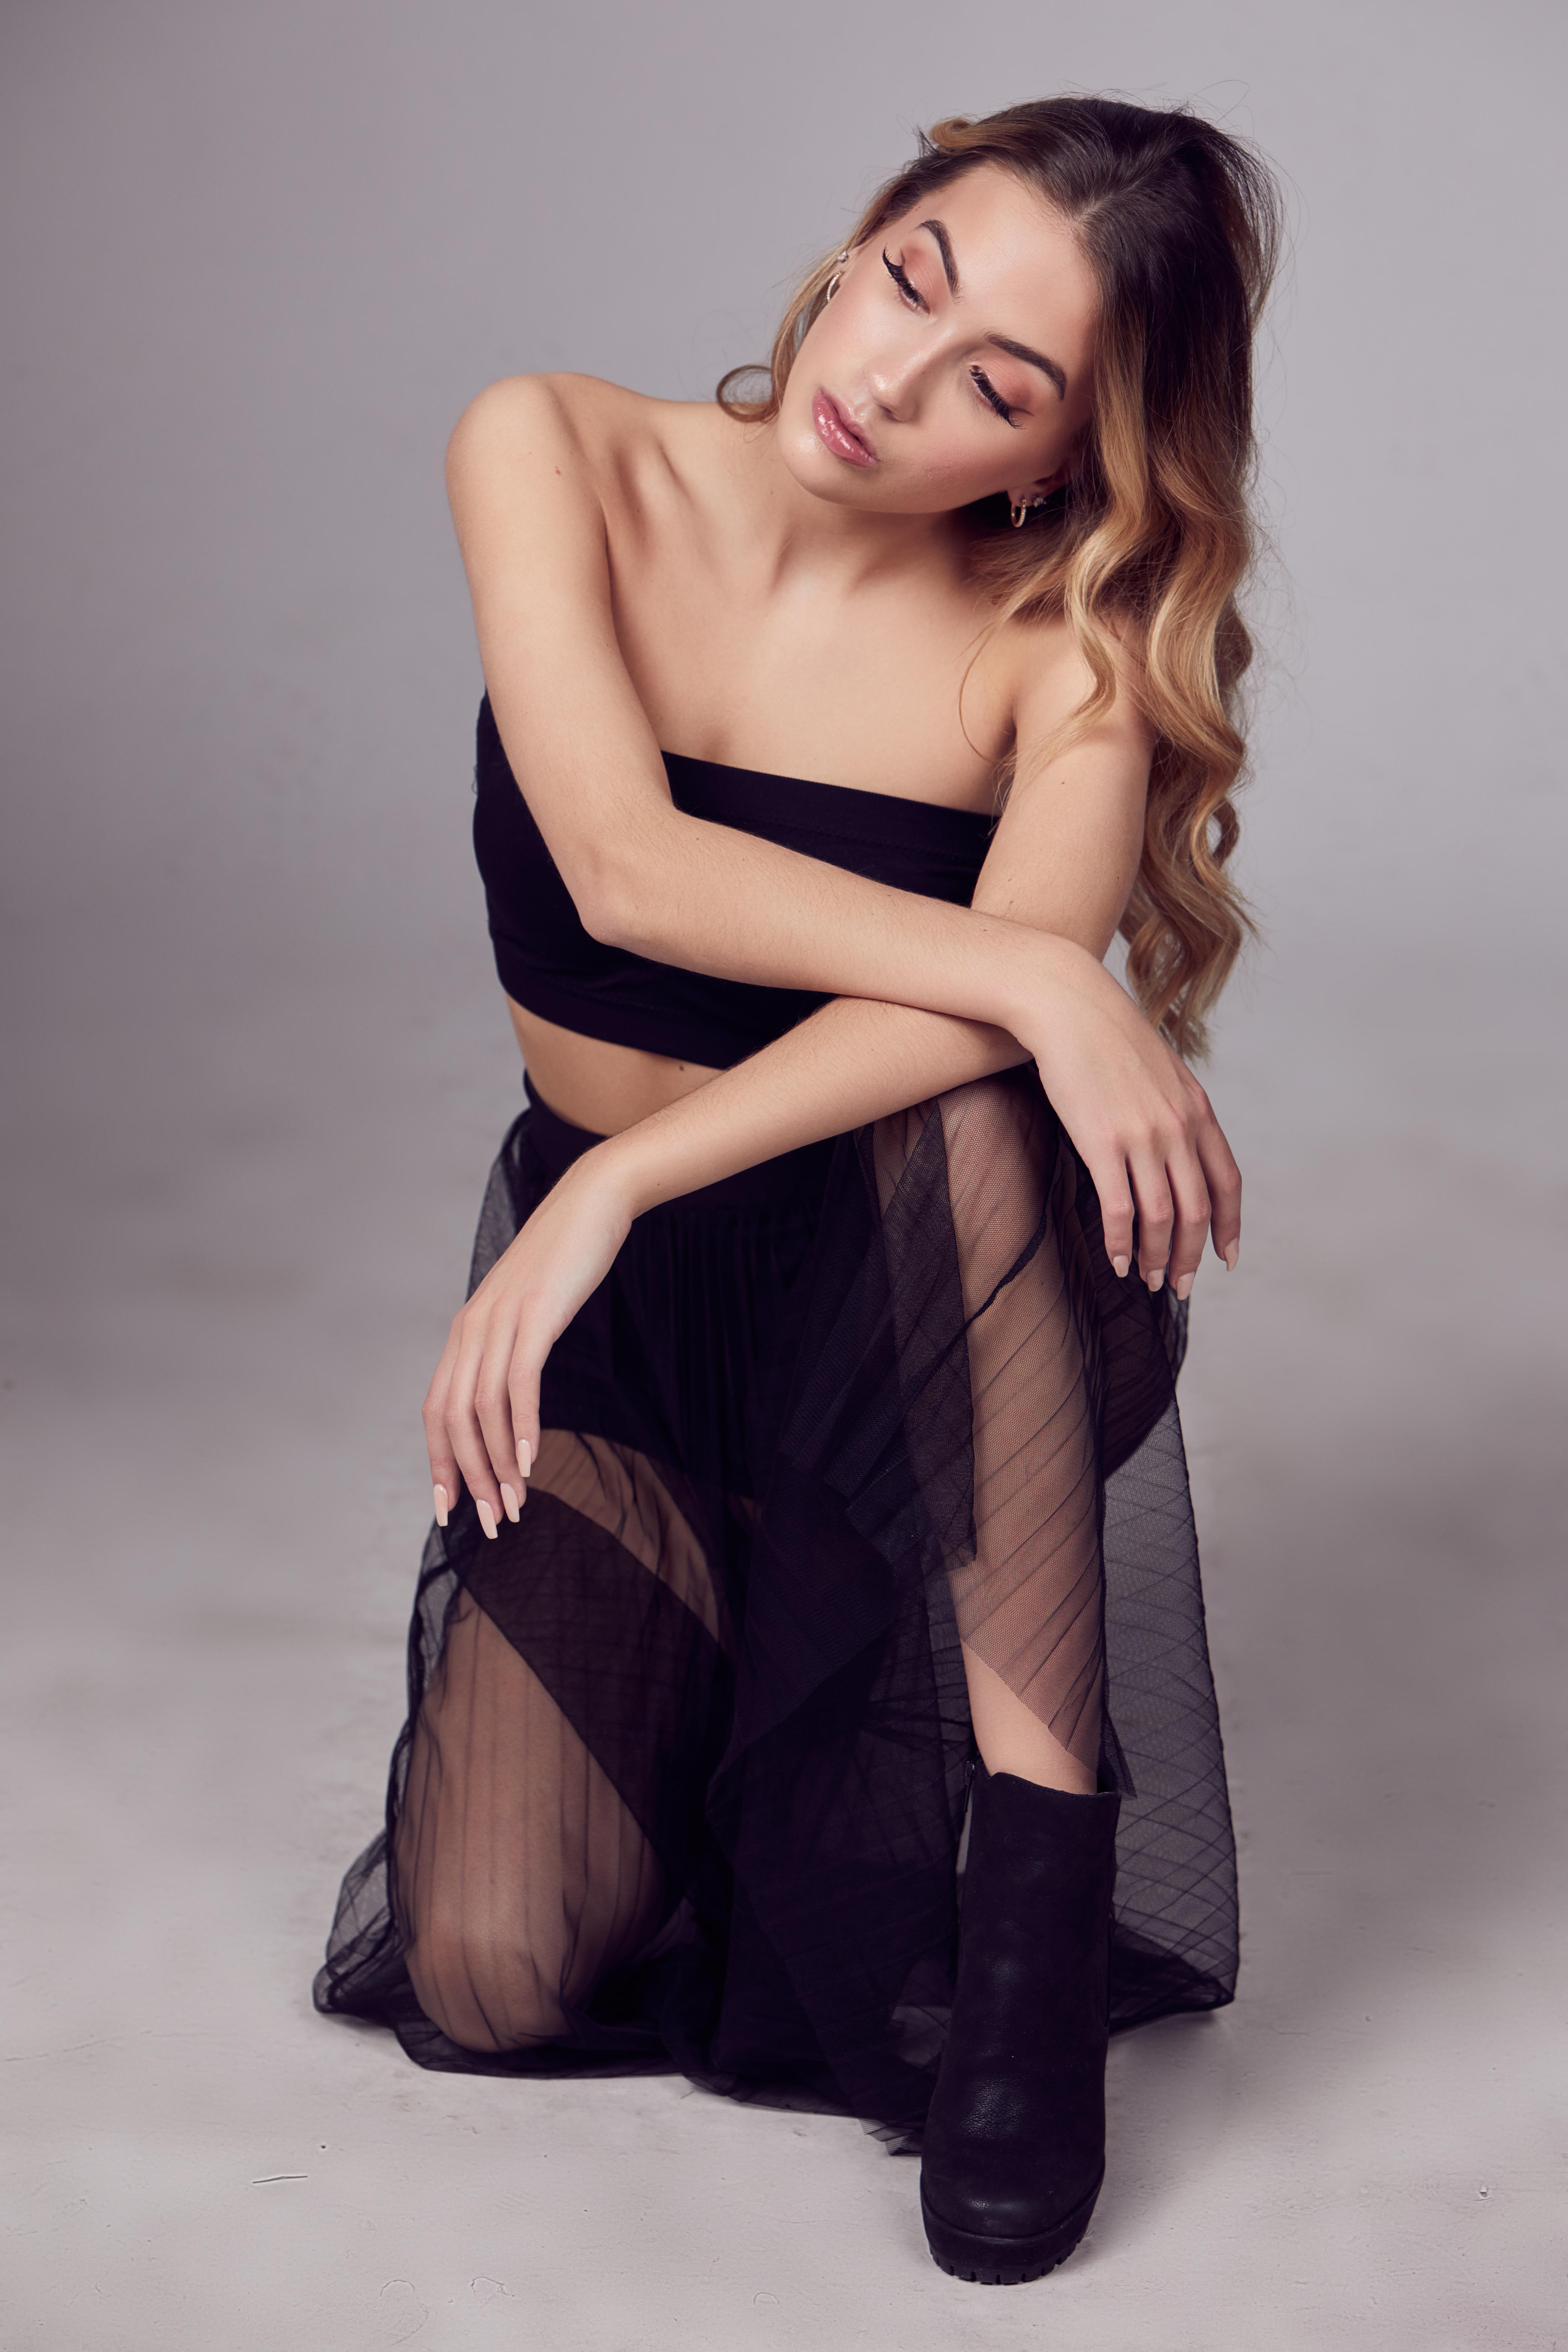 Shine-Female-Model-Sarah-Petite-NYC-03jpg.jpg#asset:52752